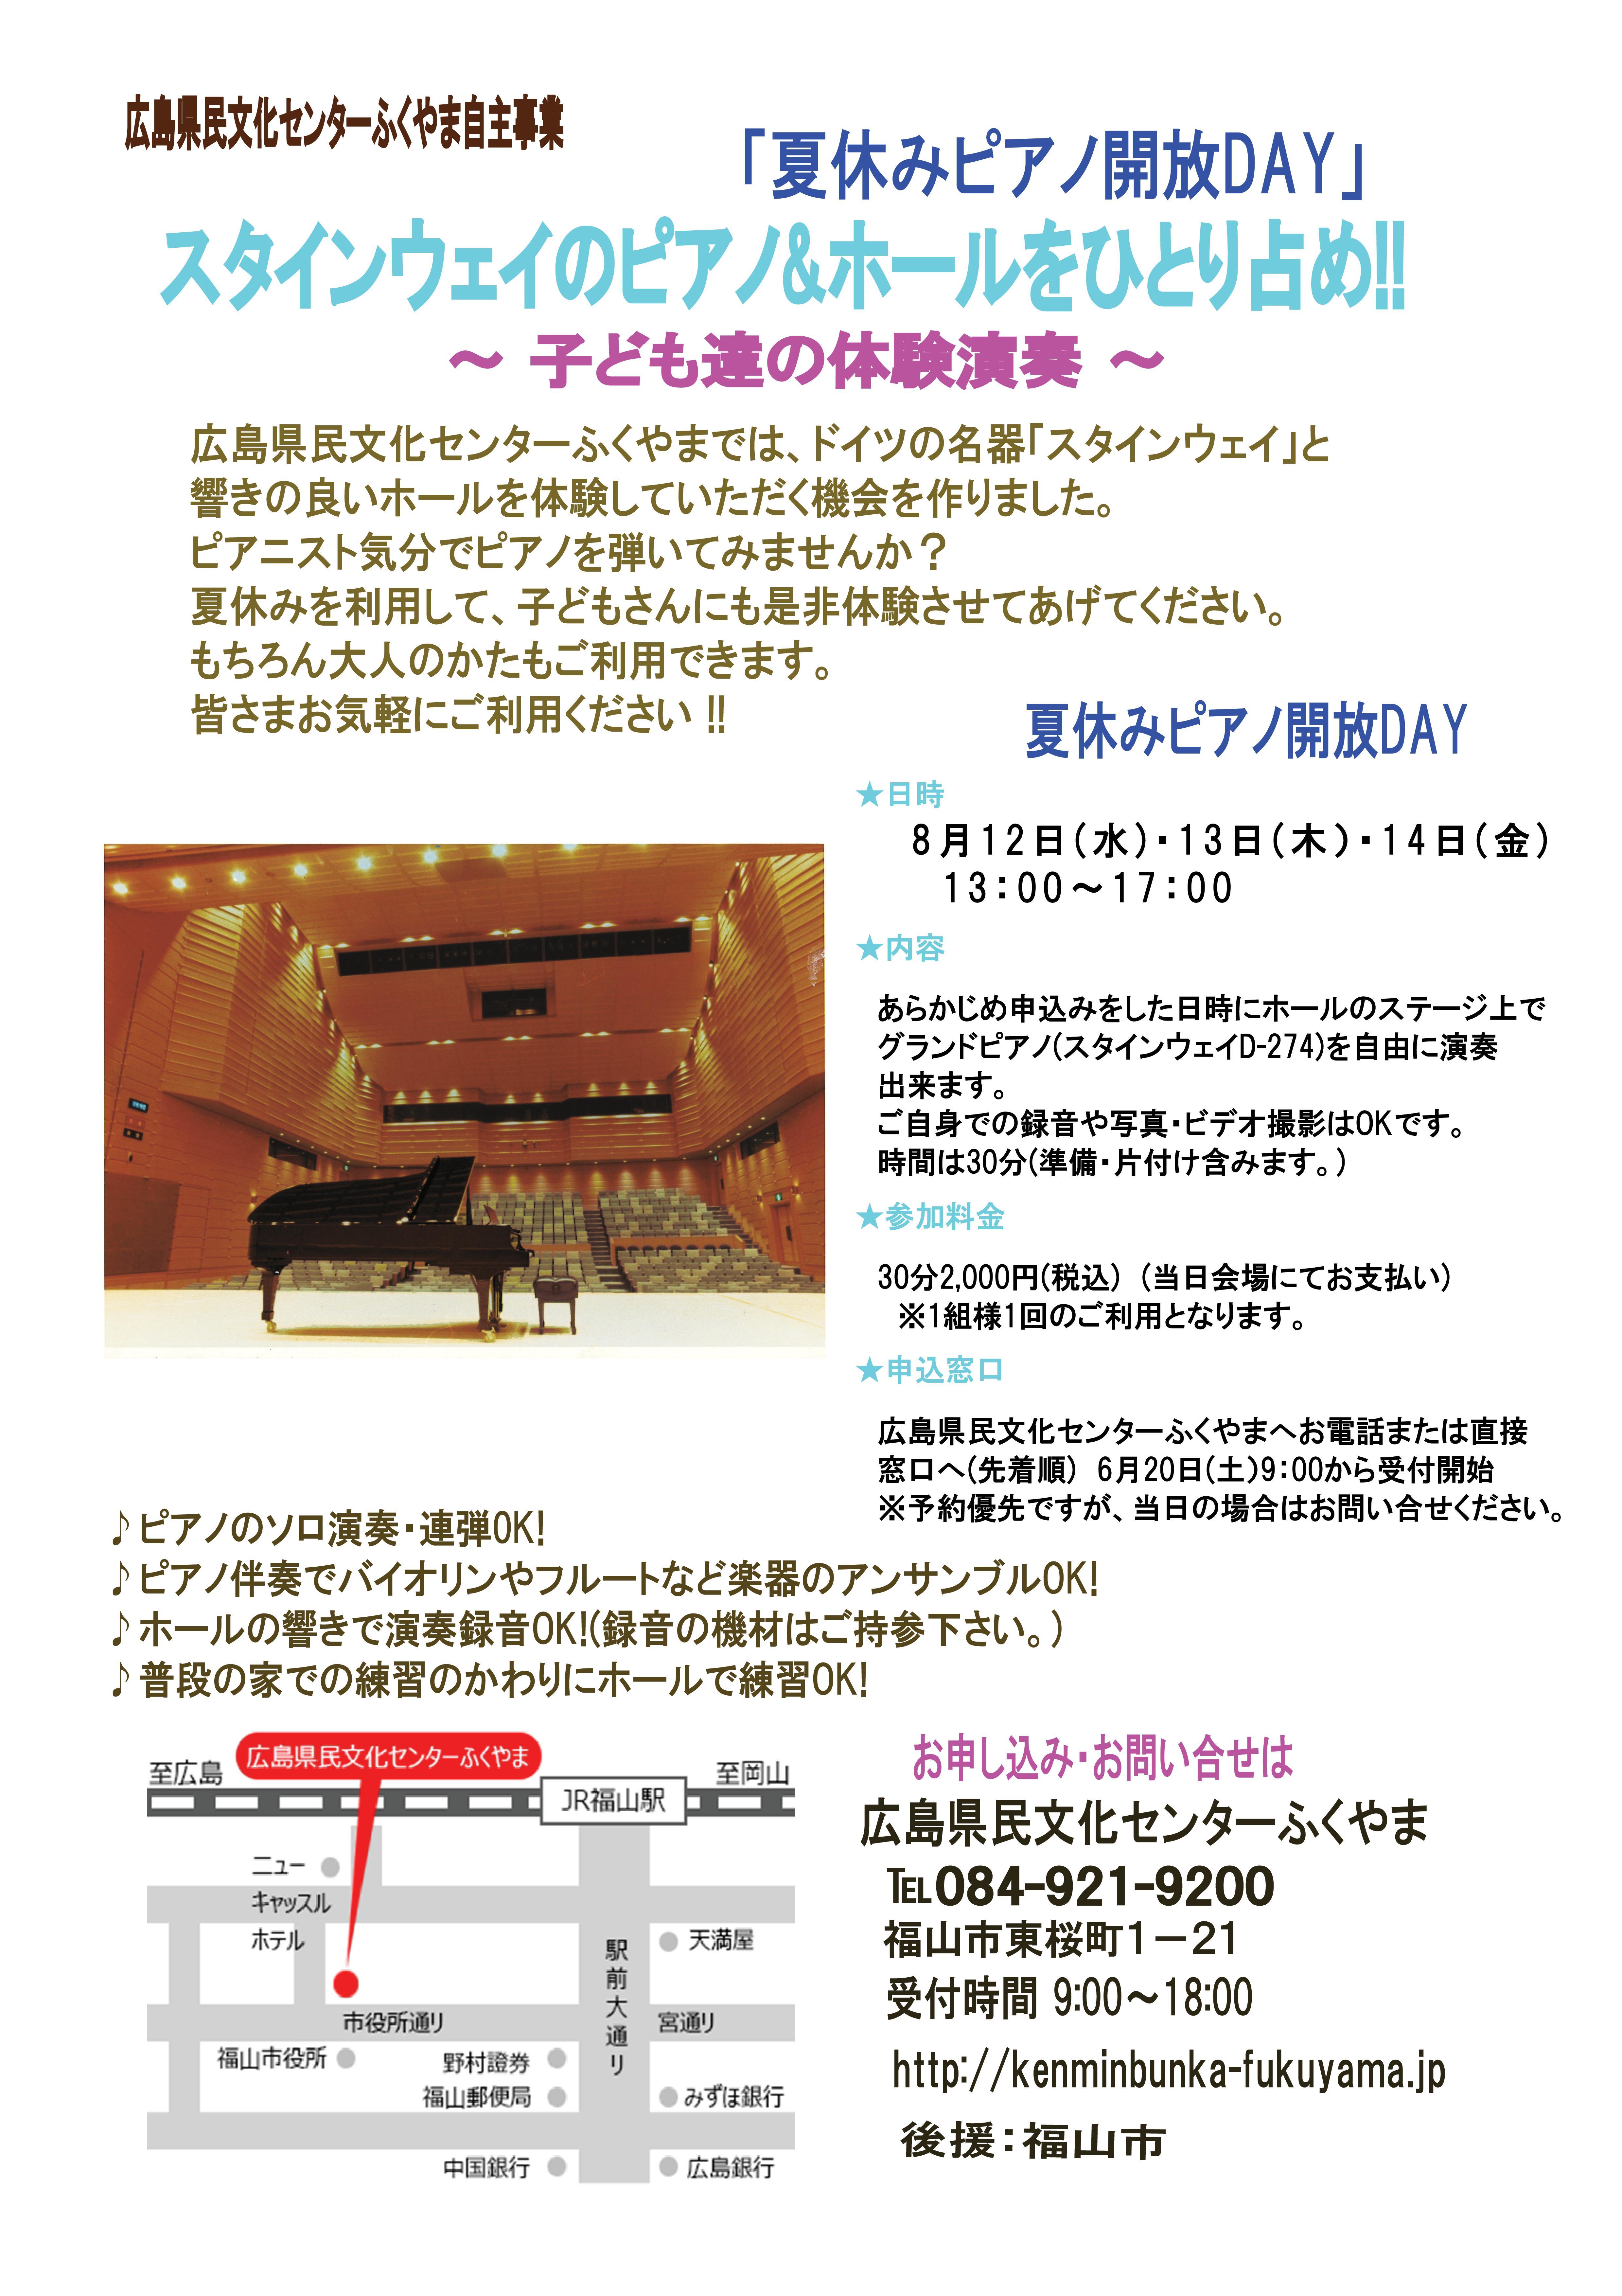 夏休みピアノ開放DAY